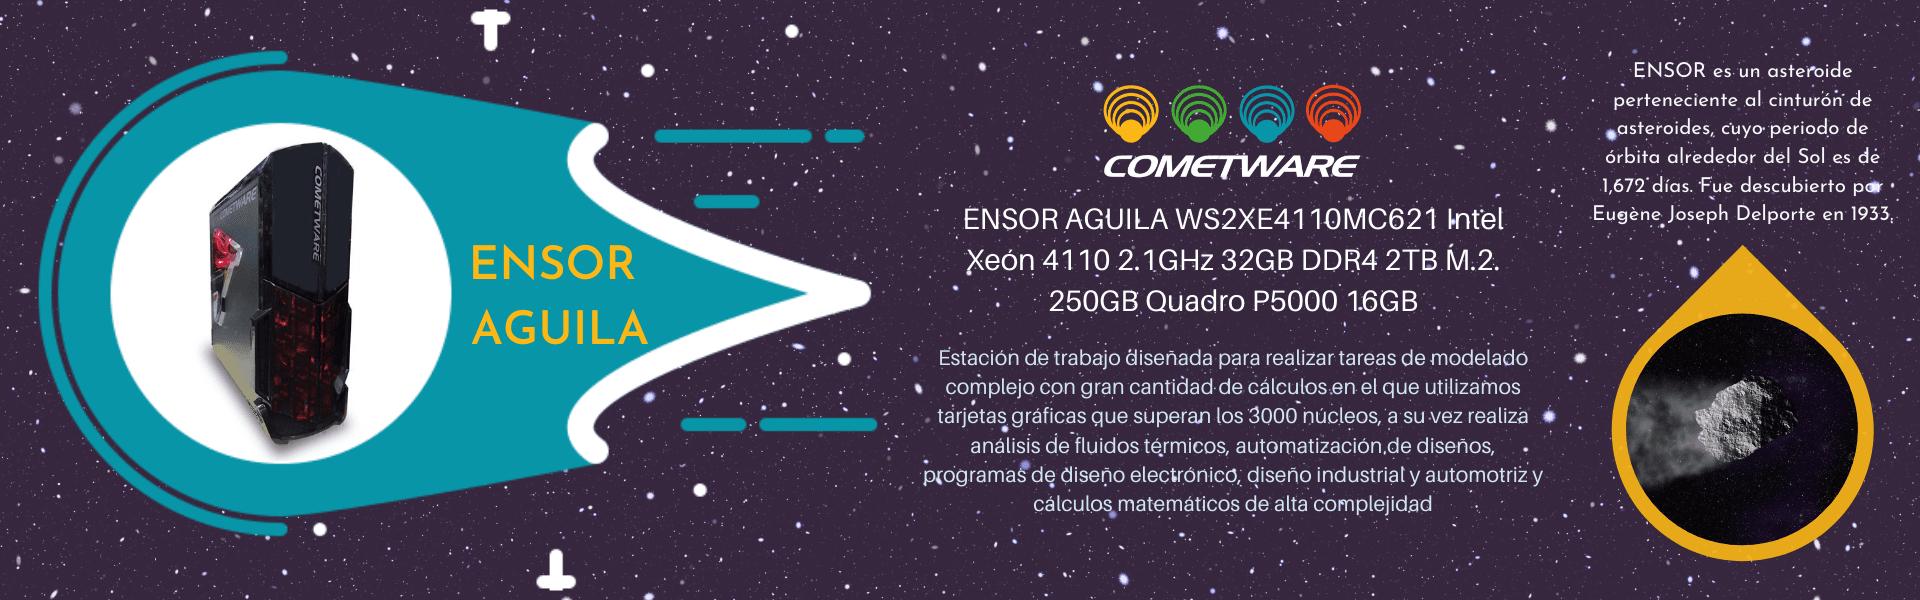 Cometware Ensor Aguila